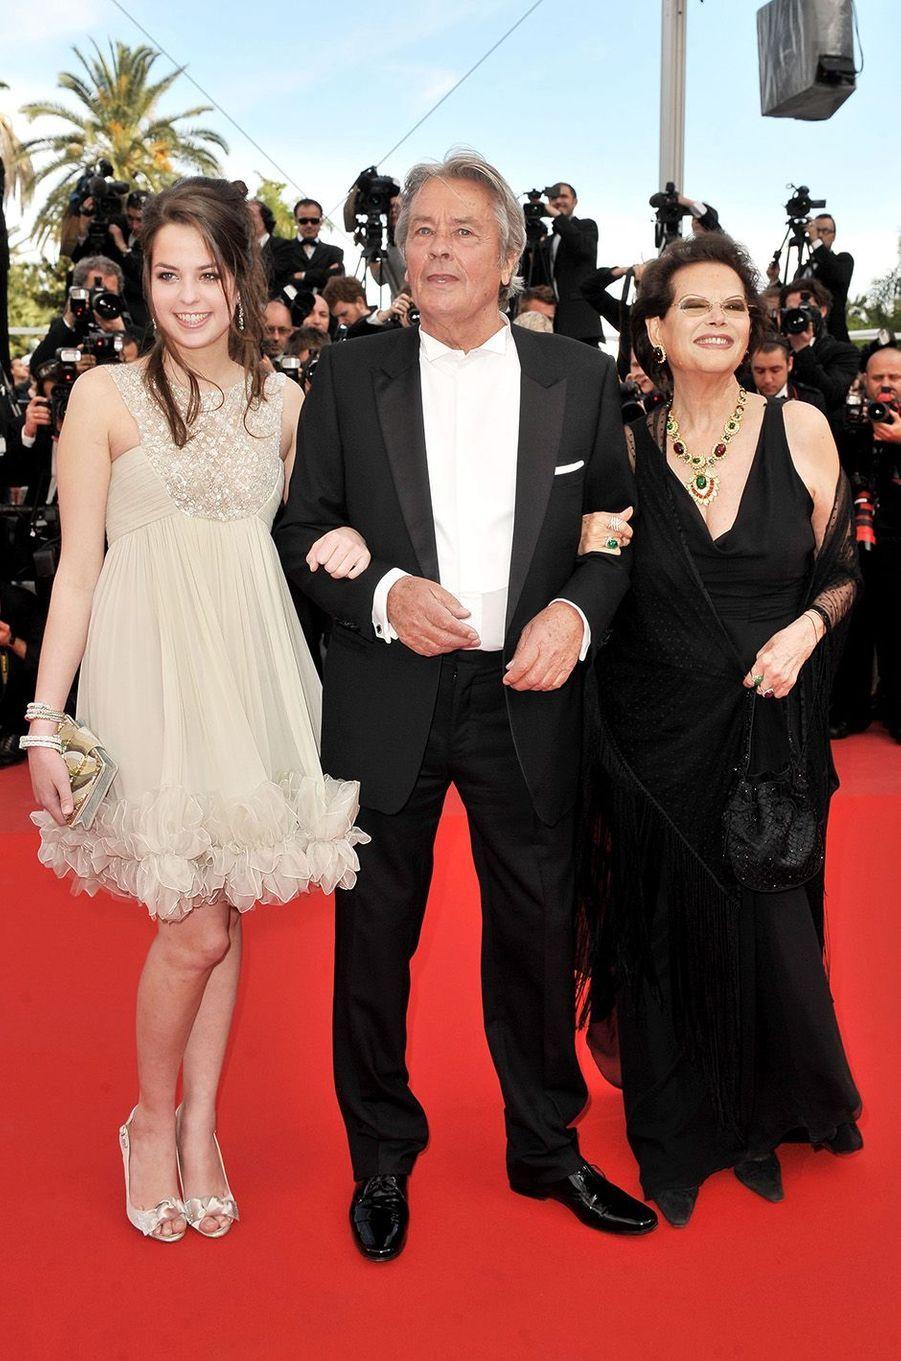 Claudia Cardinale avec la famille Delon au festival de Cannes 2010.